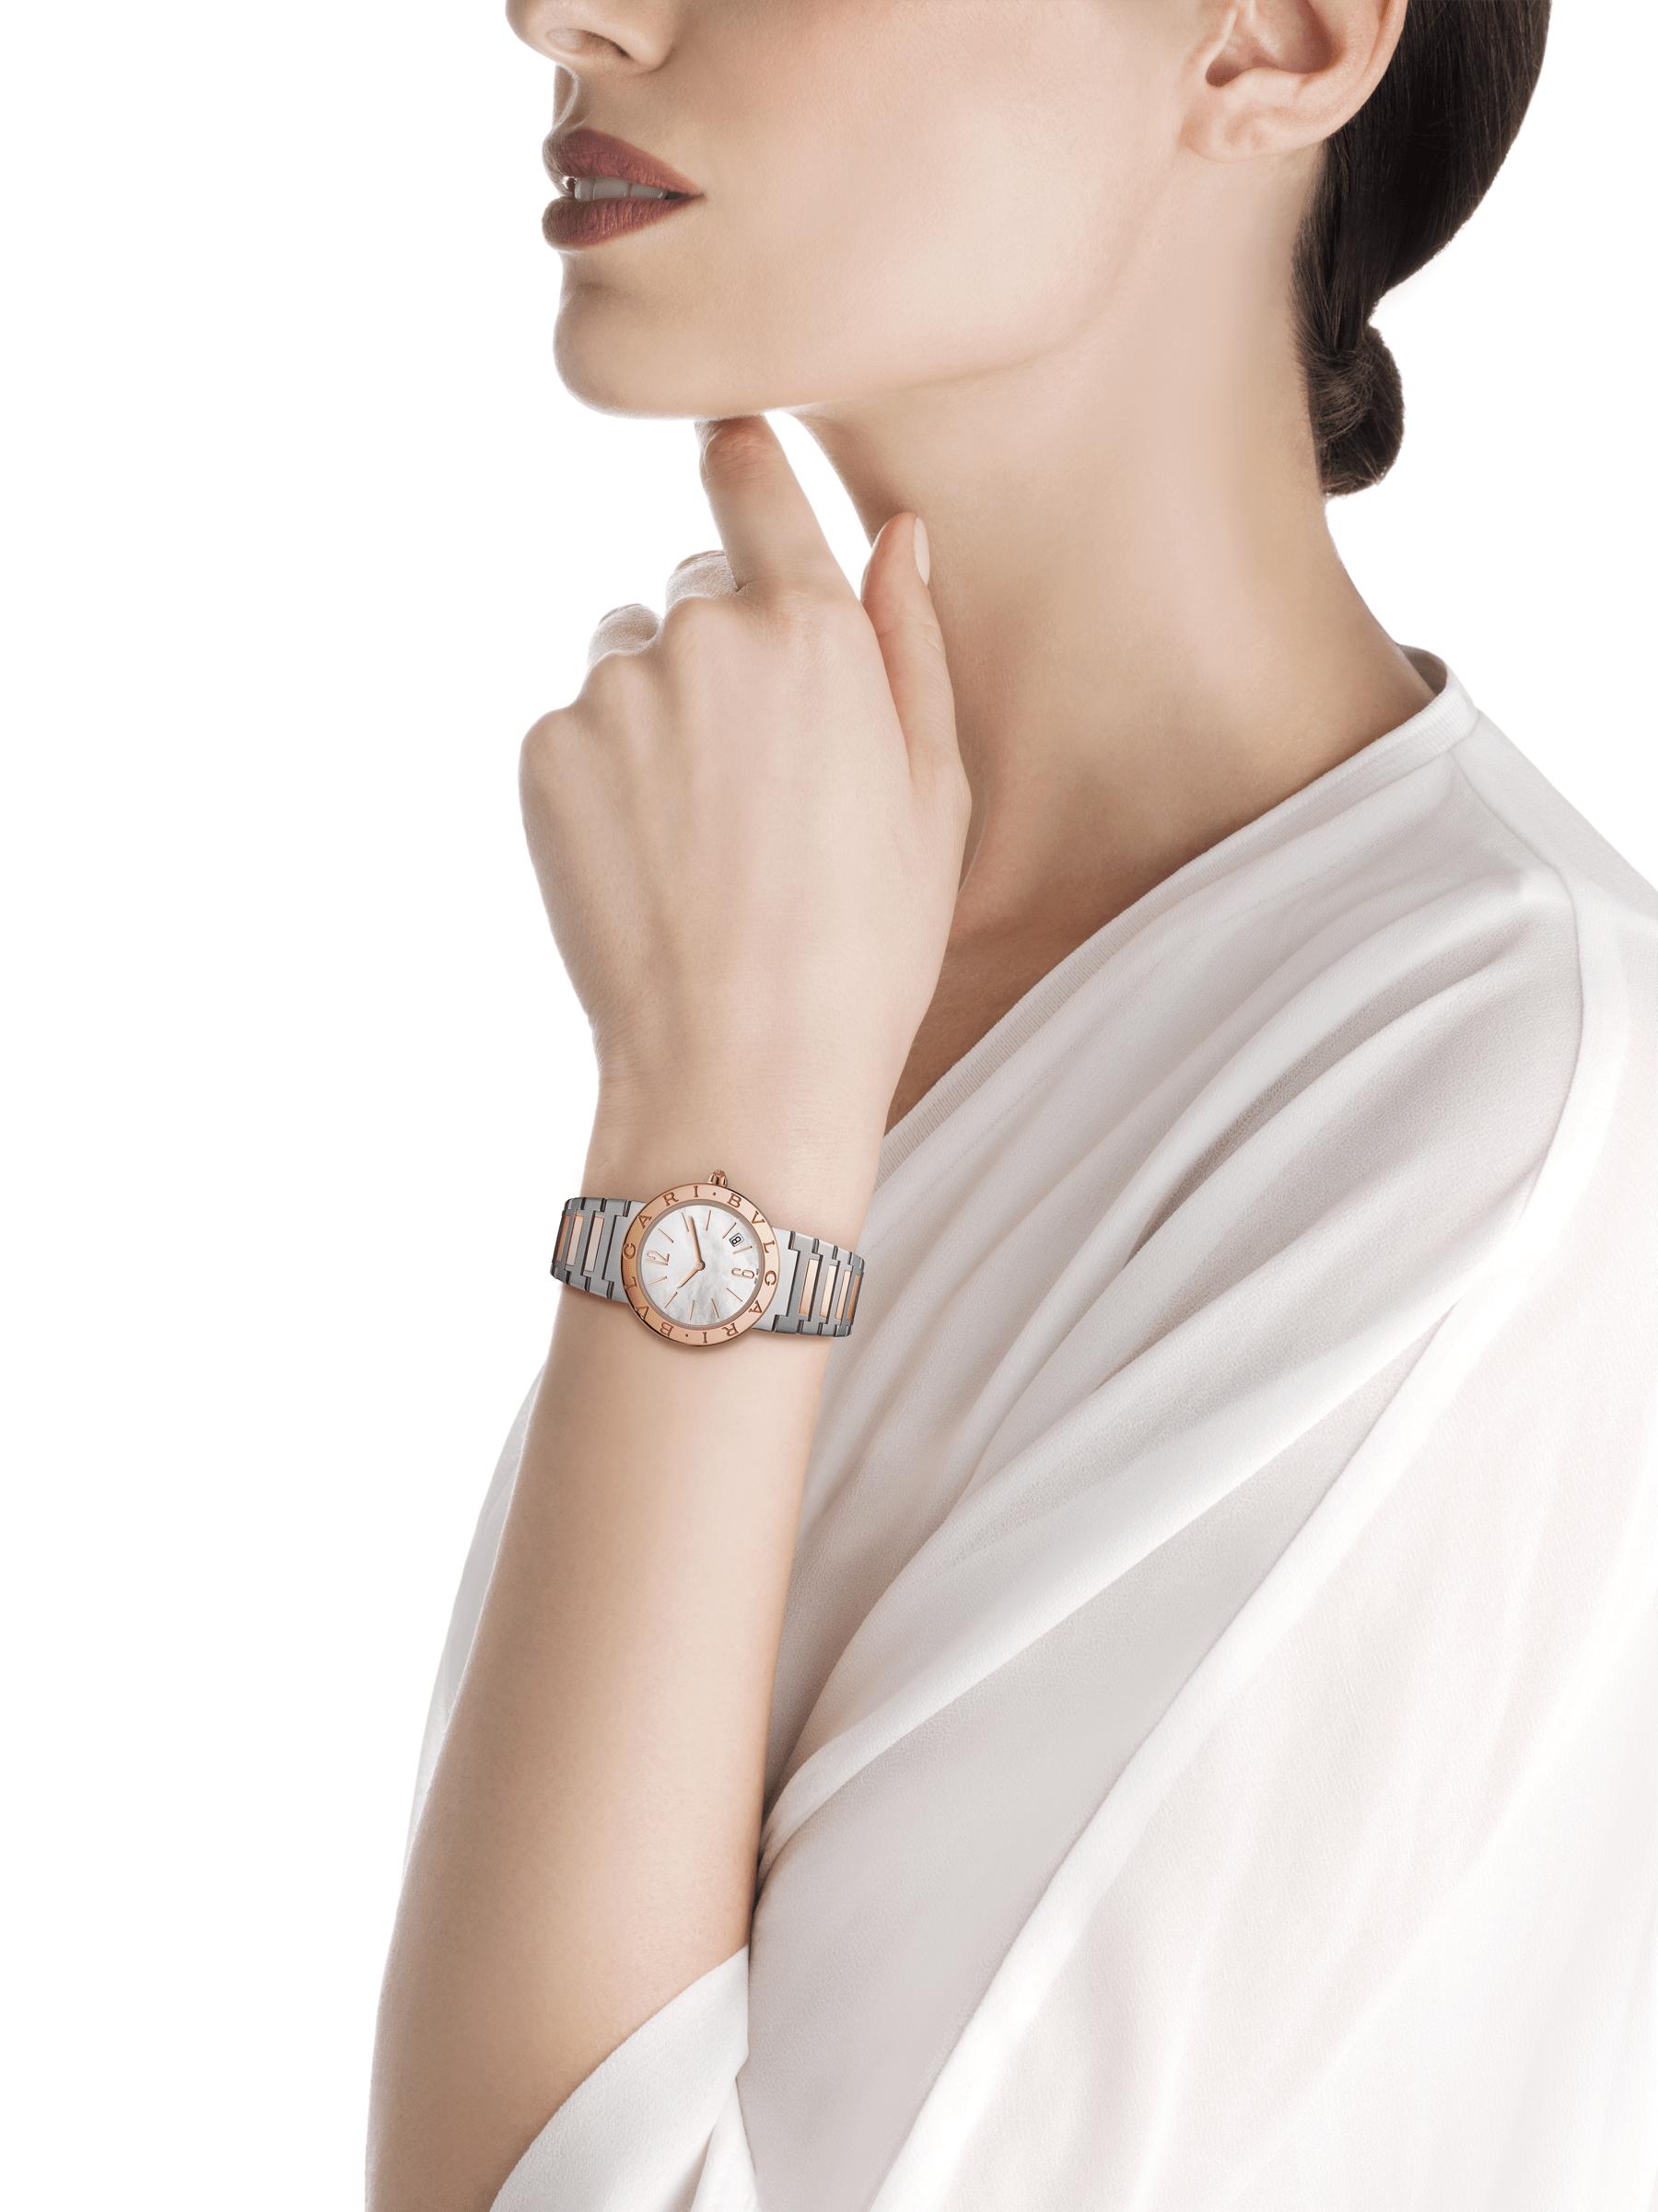 Reloj BVLGARI BVLGARI LADY con caja en acero inoxidable, bisel en oro rosa de 18qt grabado con el doble logotipo, esfera de madreperla blanca y brazalete en oro rosa de 18qt y acero inoxidable 102925 image 3